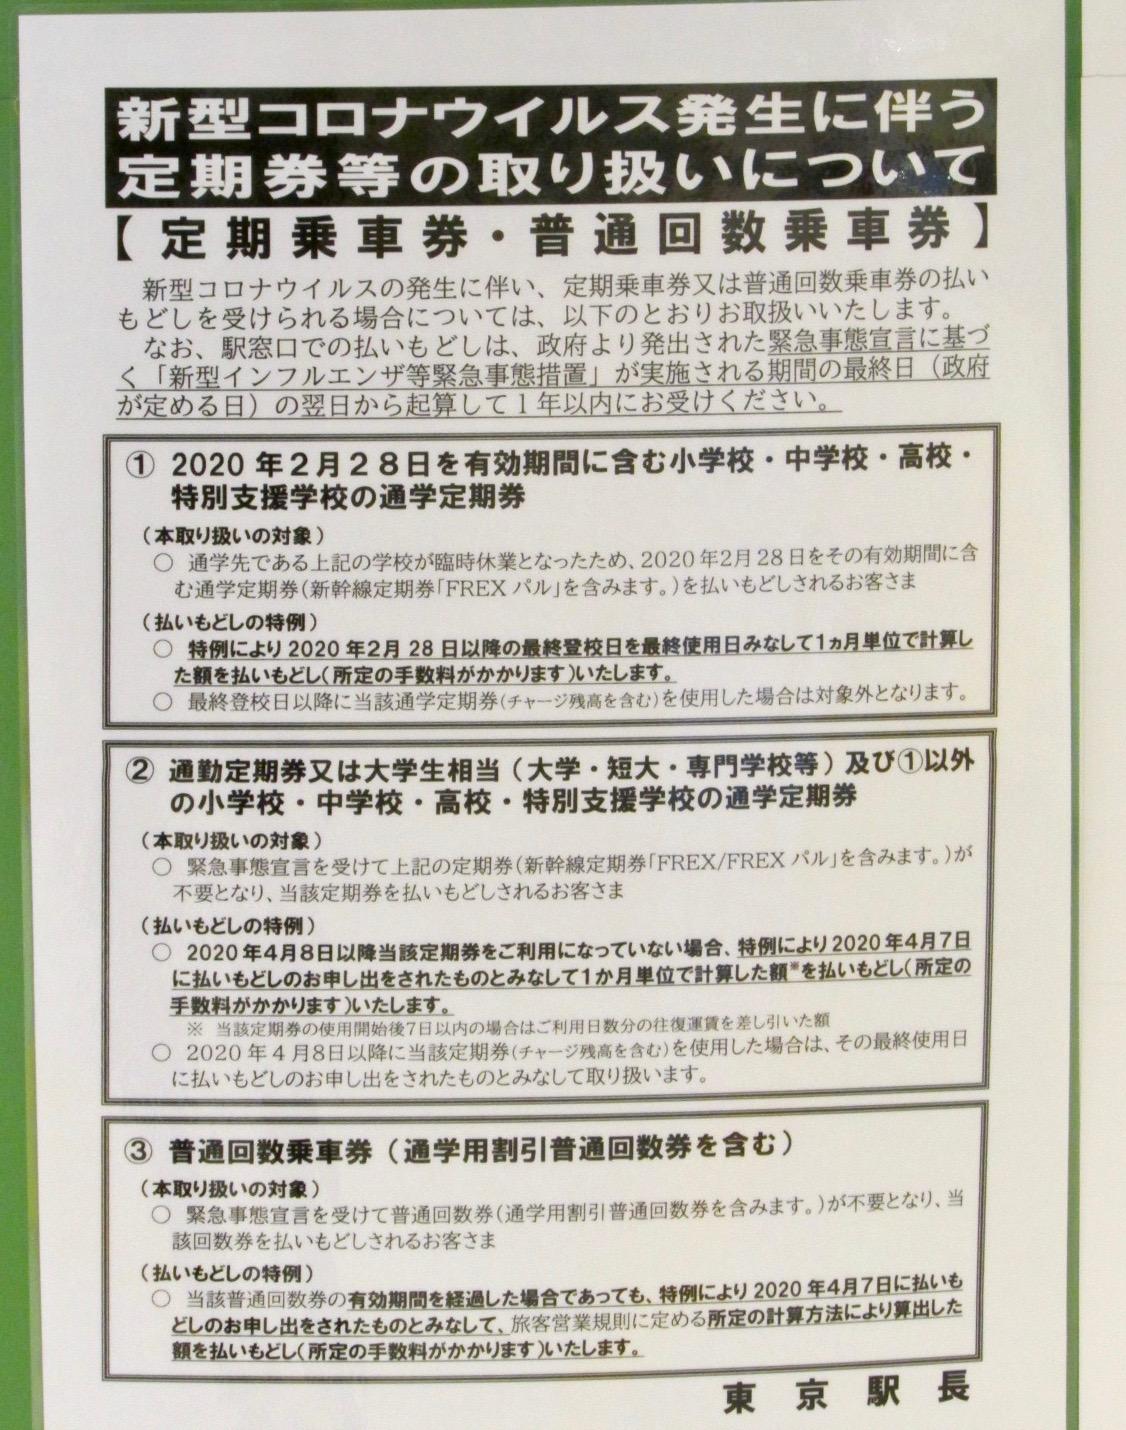 f:id:hiro-jp:20200416143354j:plain